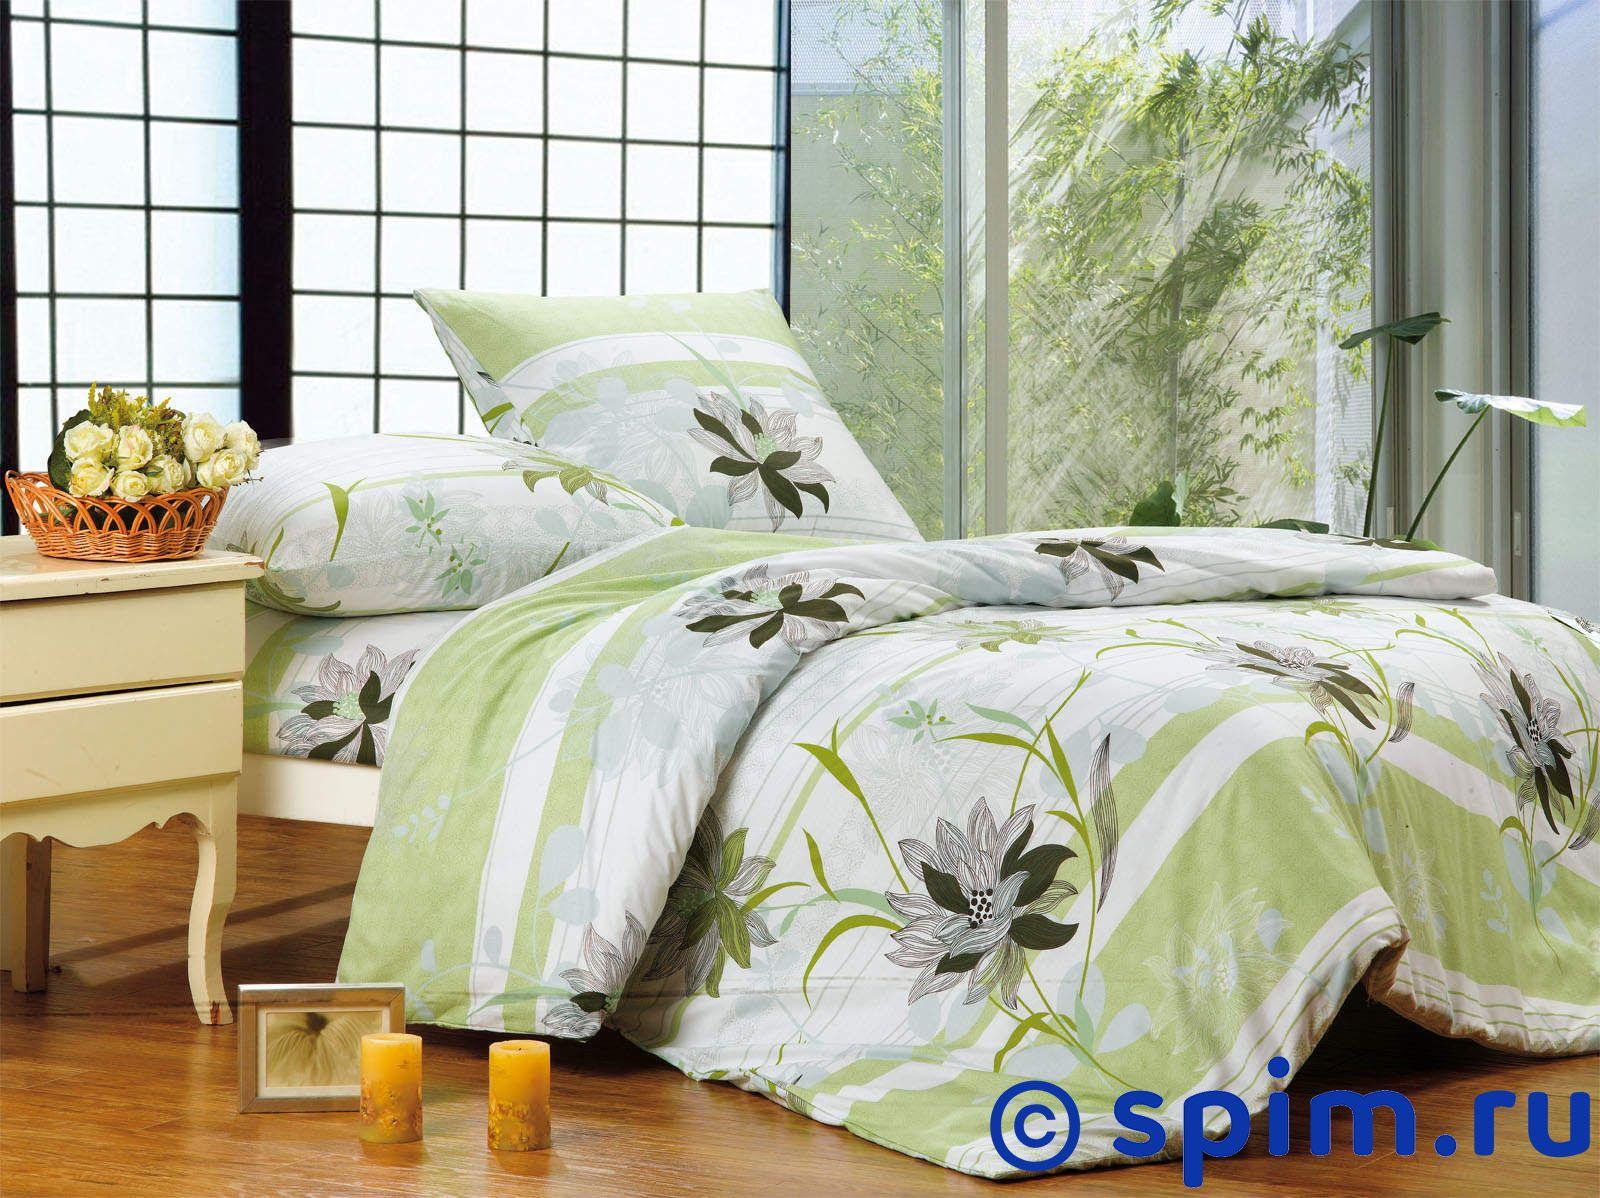 Постельное белье СайлиД А108/2 1.5 спальное